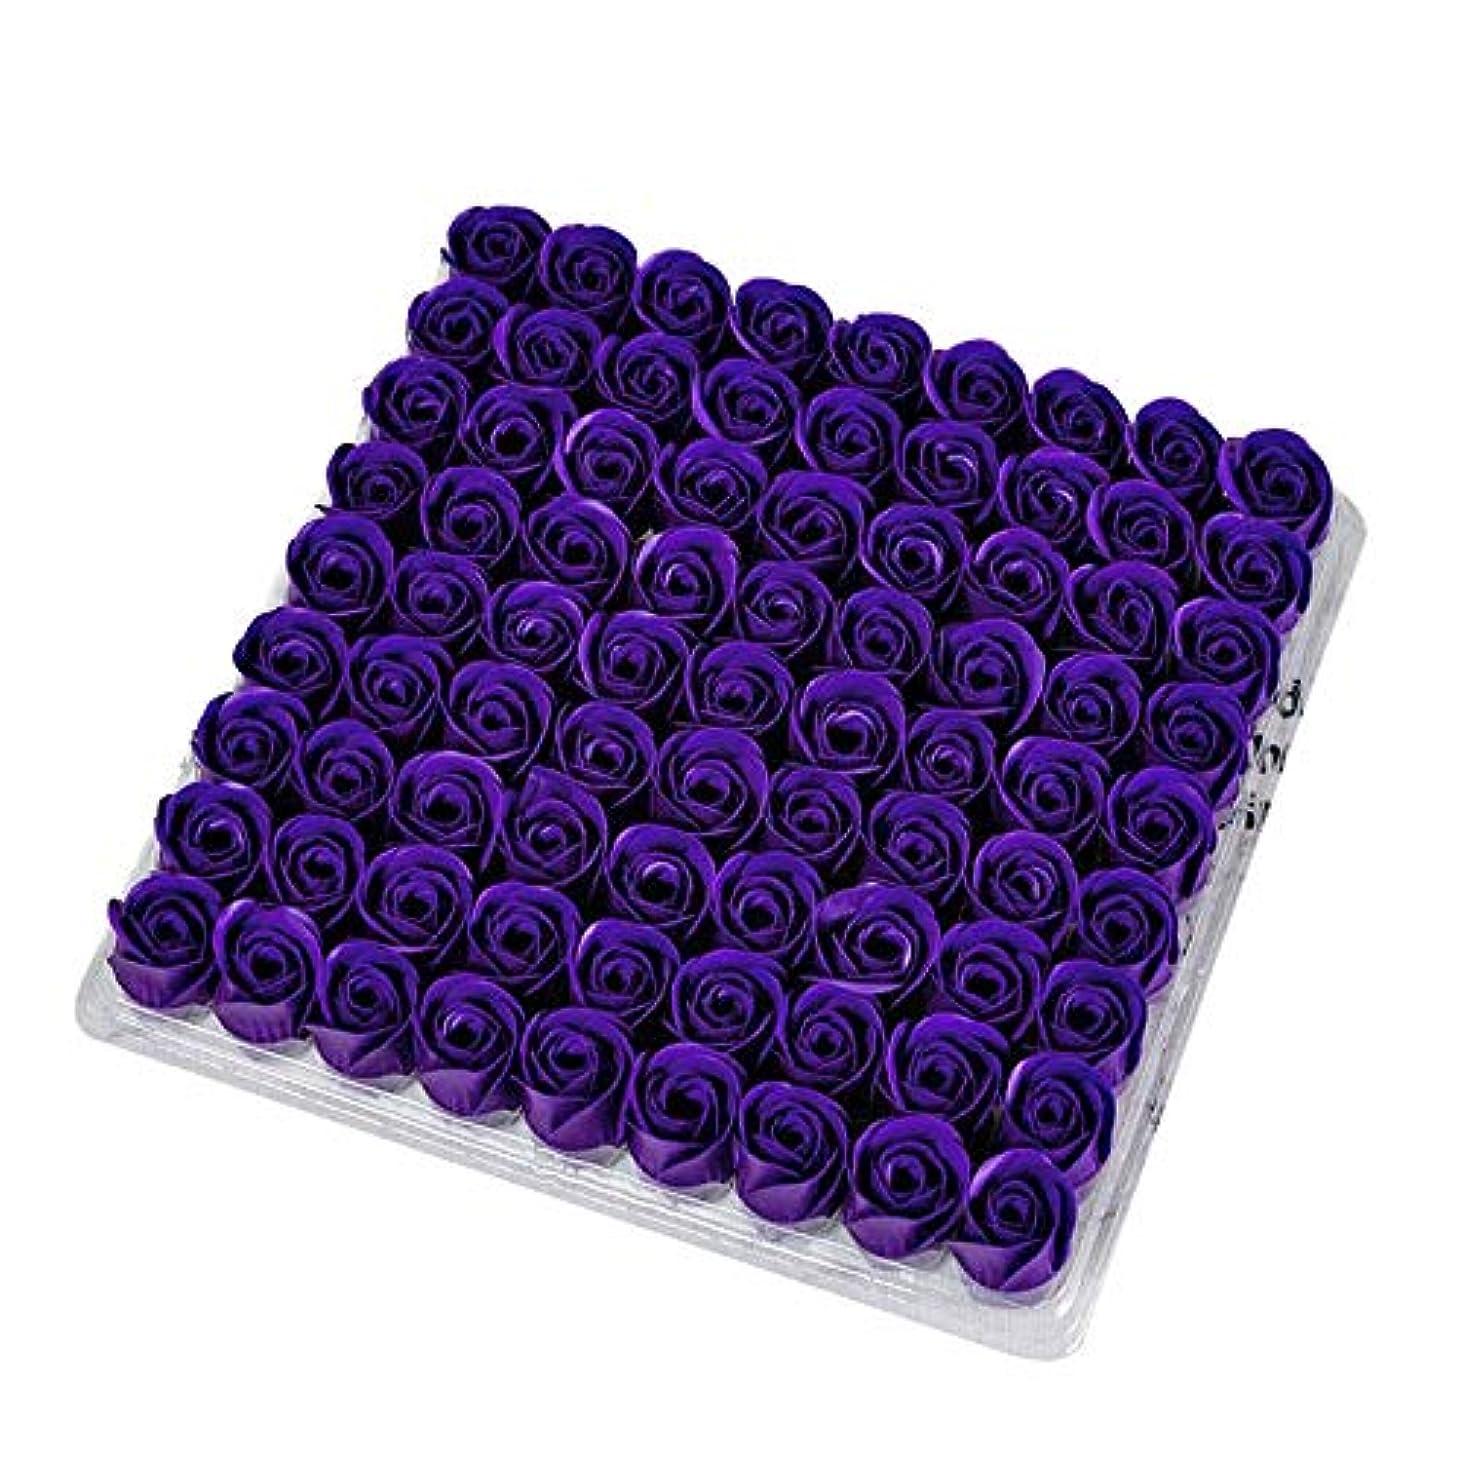 かどうかナプキン勢いSODIAL 81個の薔薇、バス ボディ フラワー?フローラルの石けん 香りのよいローズフラワー エッセンシャルオイル フローラルのお客様への石鹸 ウェディング、パーティー、バレンタインデーの贈り物、紫色